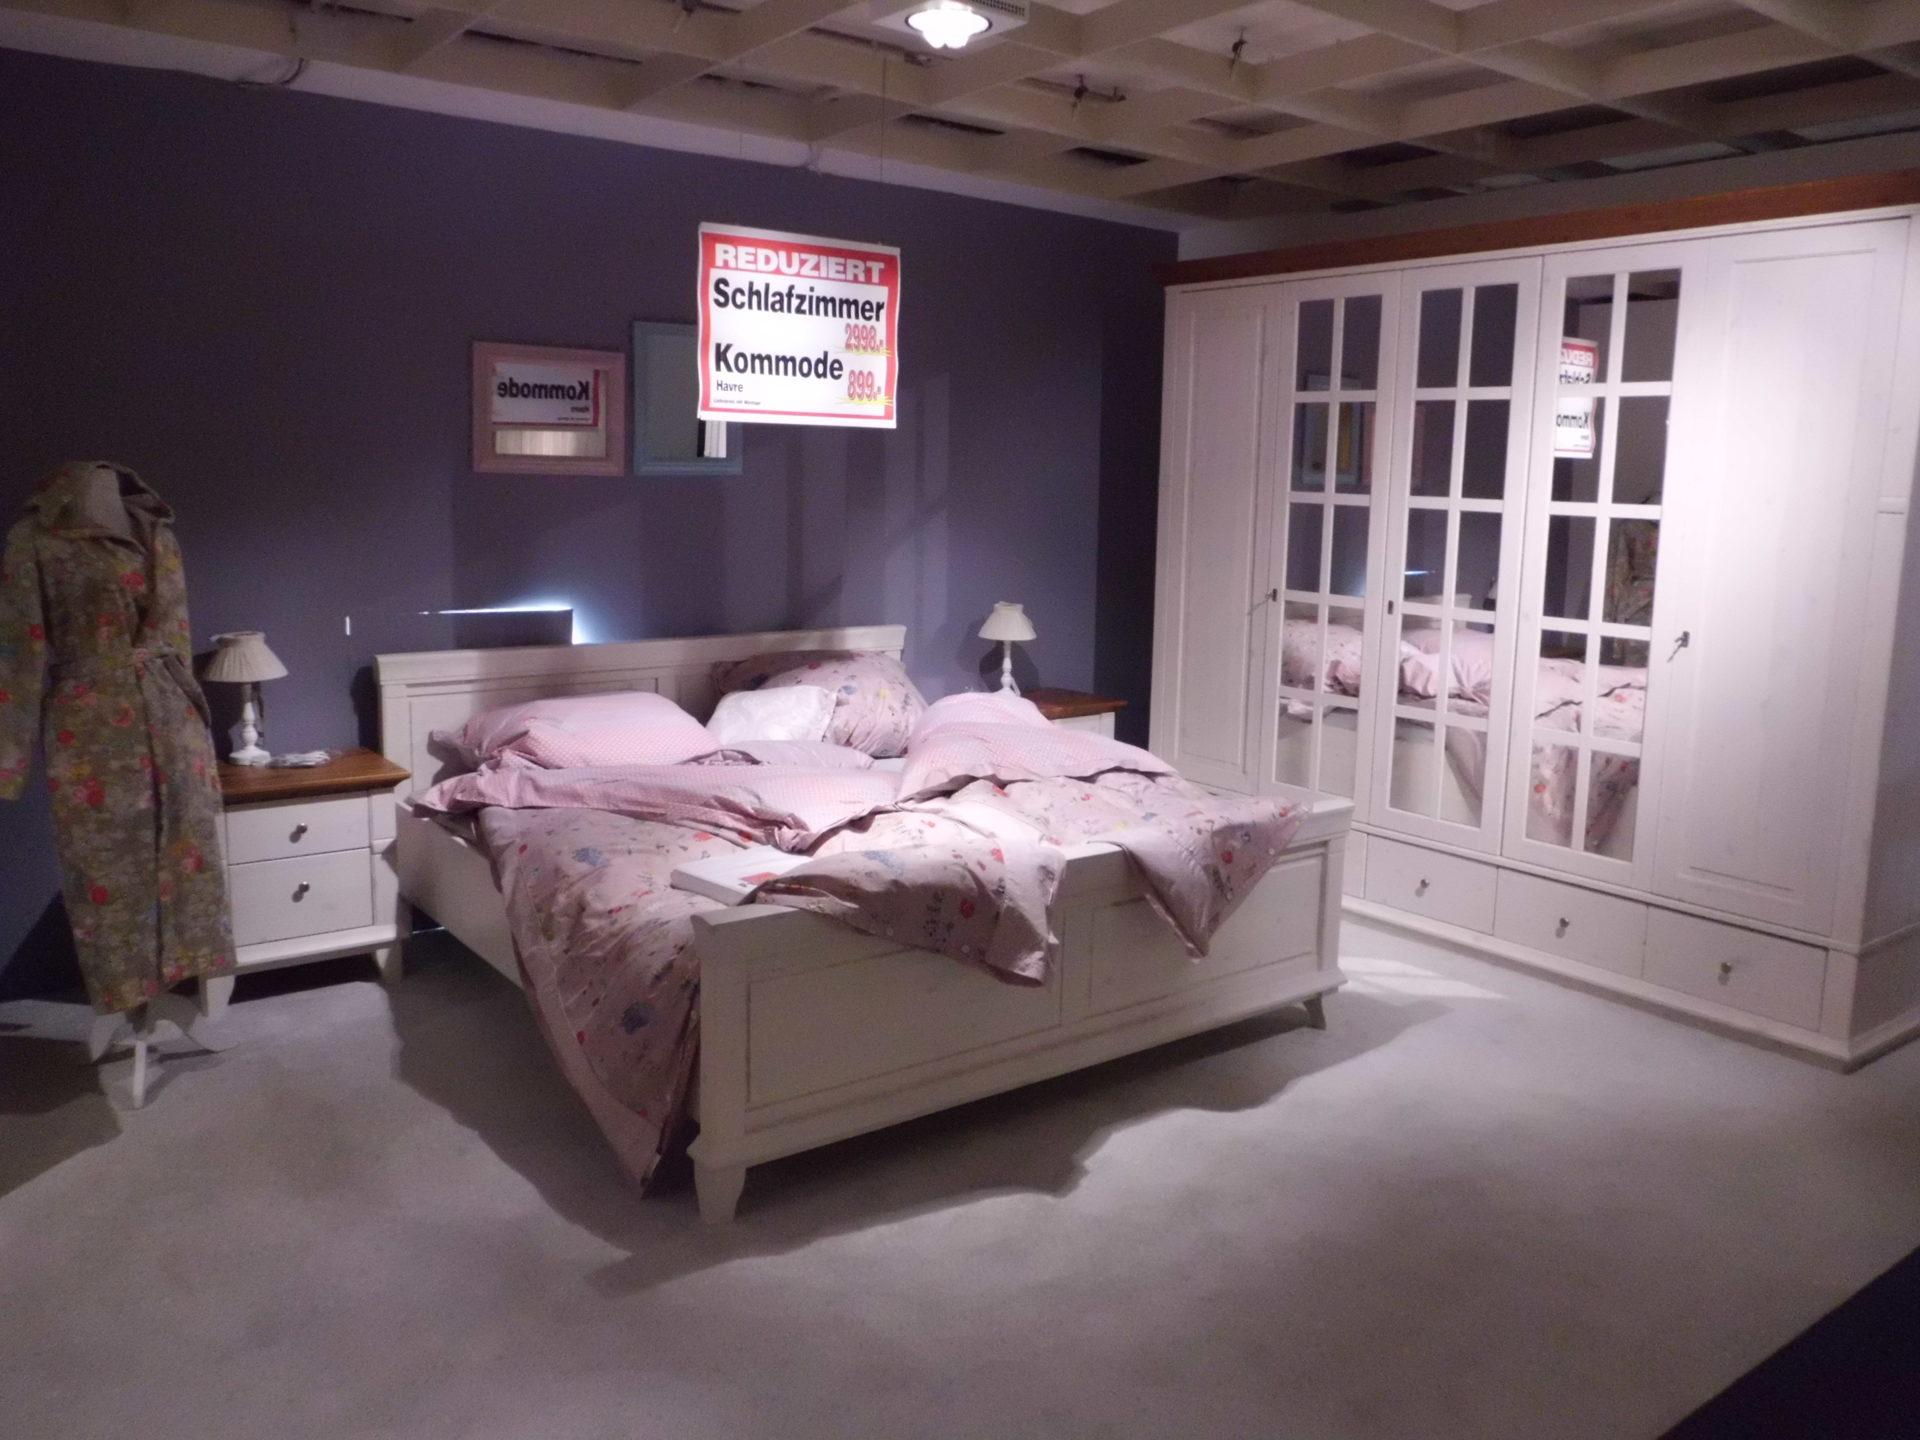 Möbel Frauendorfer Amberg ABVERKAUF Schlafen Schlafzimmer - Lmie schlafzimmer